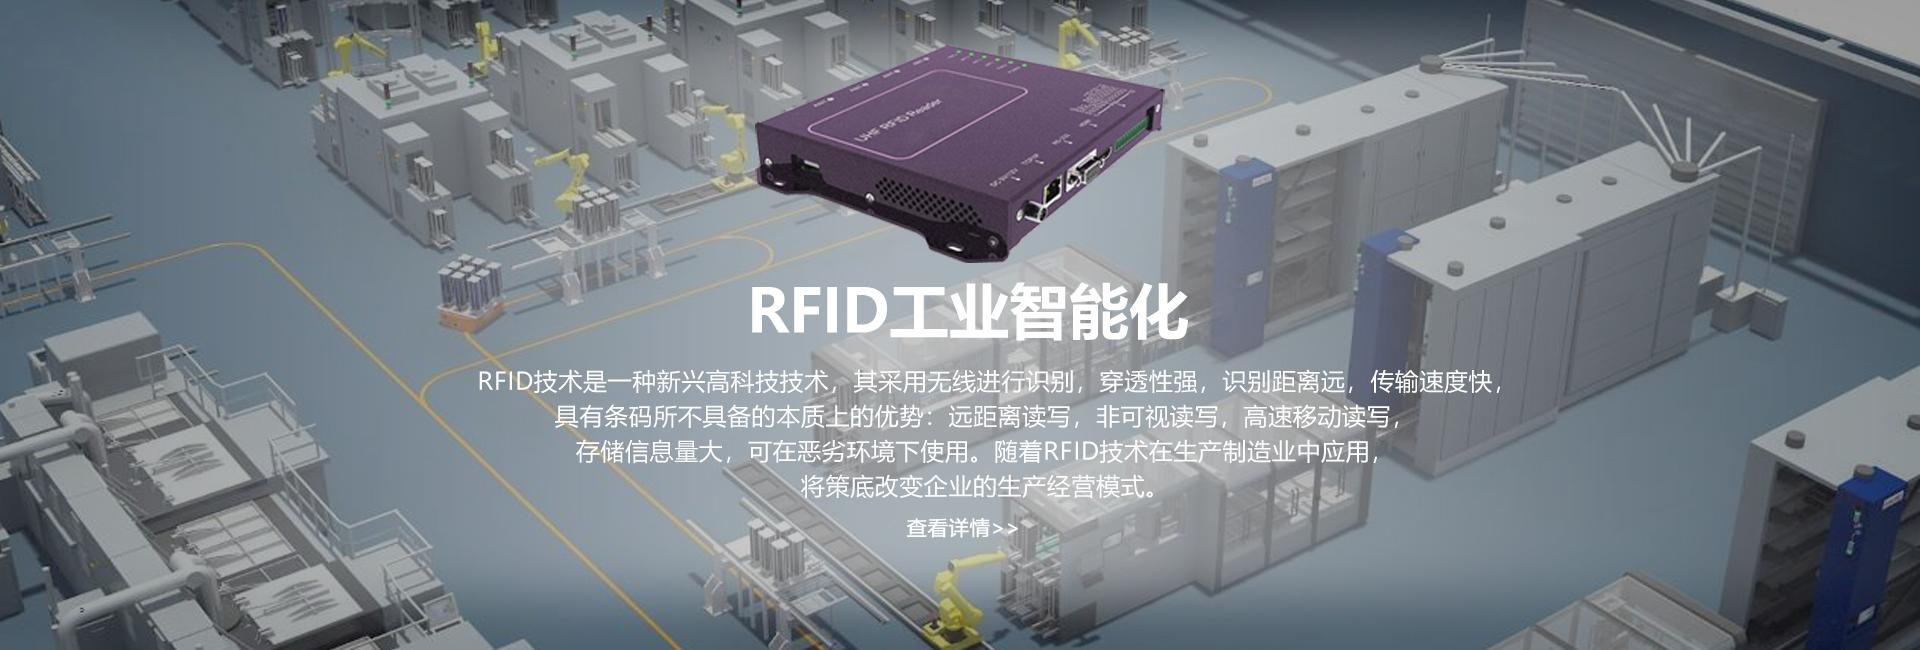 2.4g有源rfid